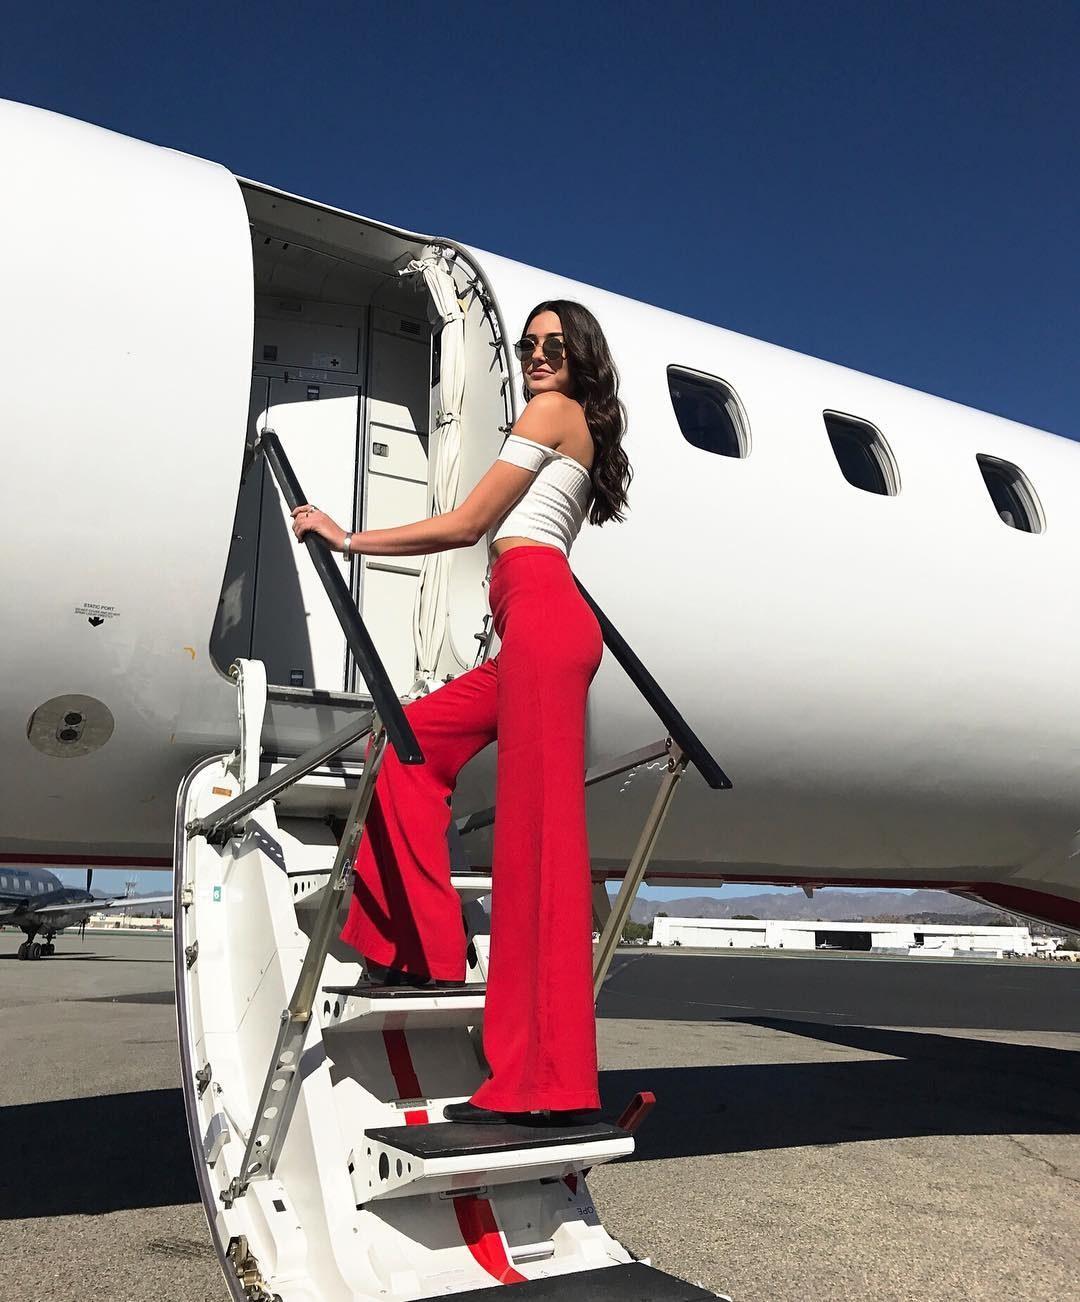 Luxury lifestyle… on Social Media